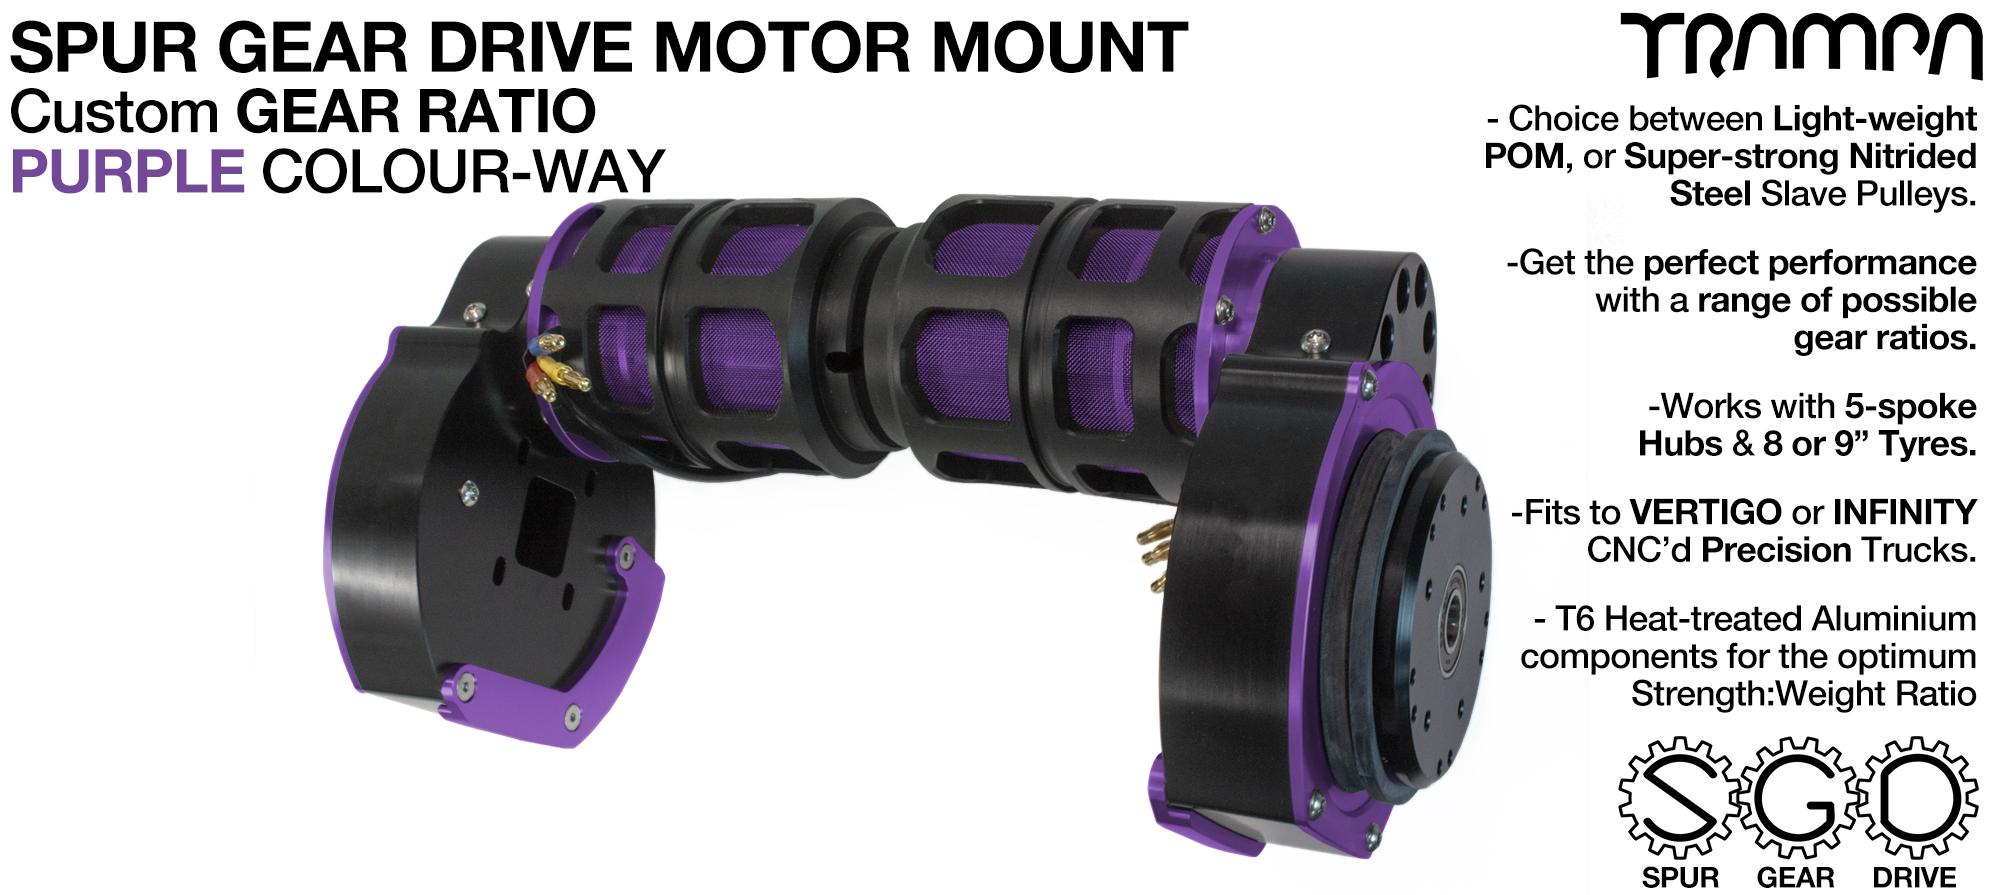 Mountainboard Spur Gear Drive TWIN Motor Mount - PURPLE